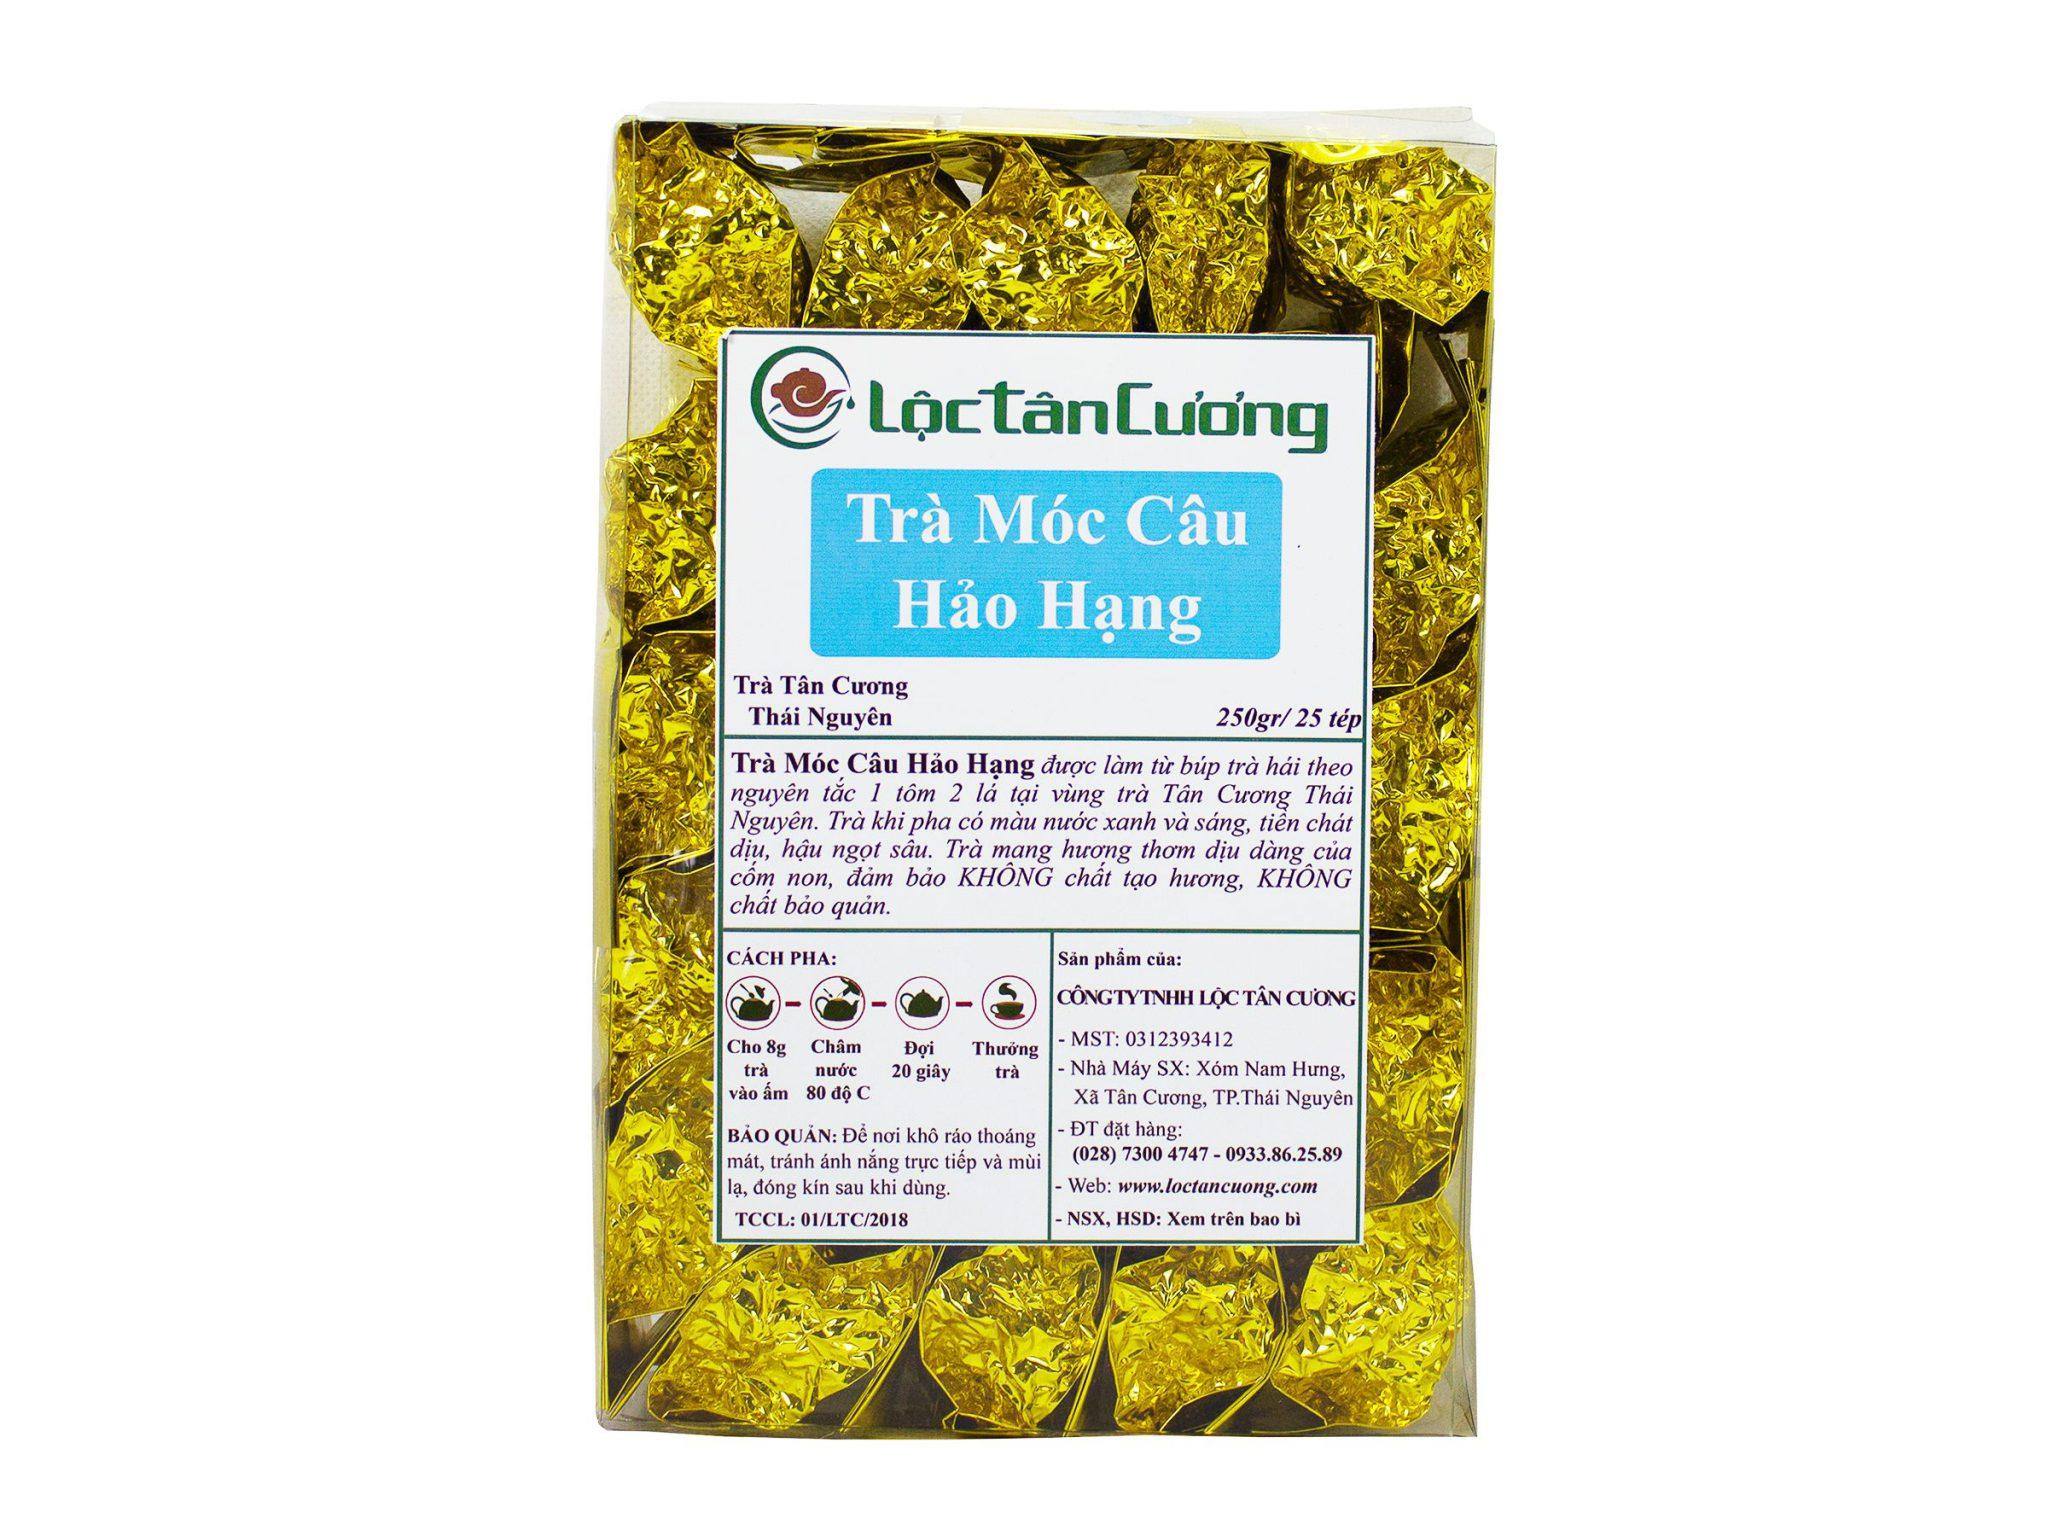 Trà móc câu hảo hạng 25 tép nhỏ, mỗi tép nhỏ có trọng lượng 10gr được đóng gói trong túi thiếc PE và hút chân không giúp cánh trà không bị gãy nát và bay hương